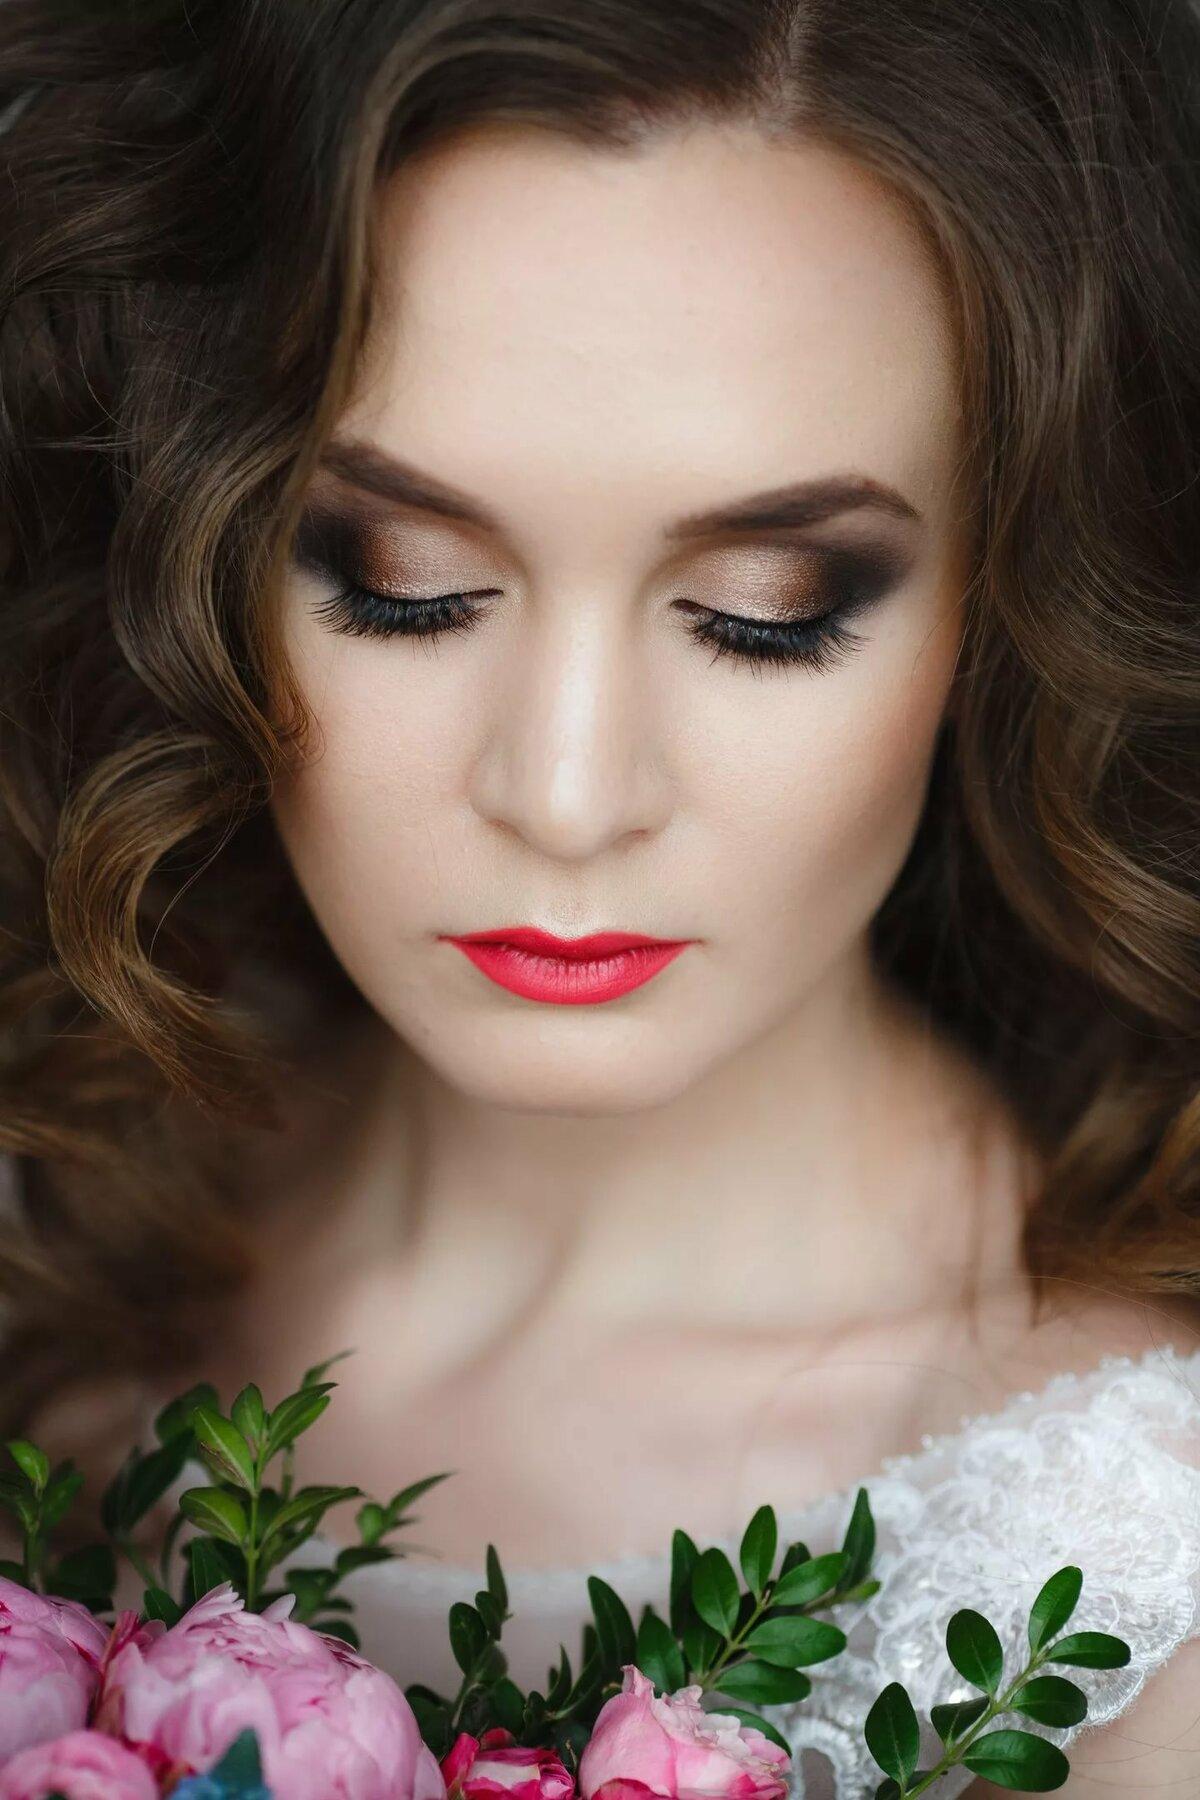 смайлик можно какой макияж сделать для фотосессии в помещении легко